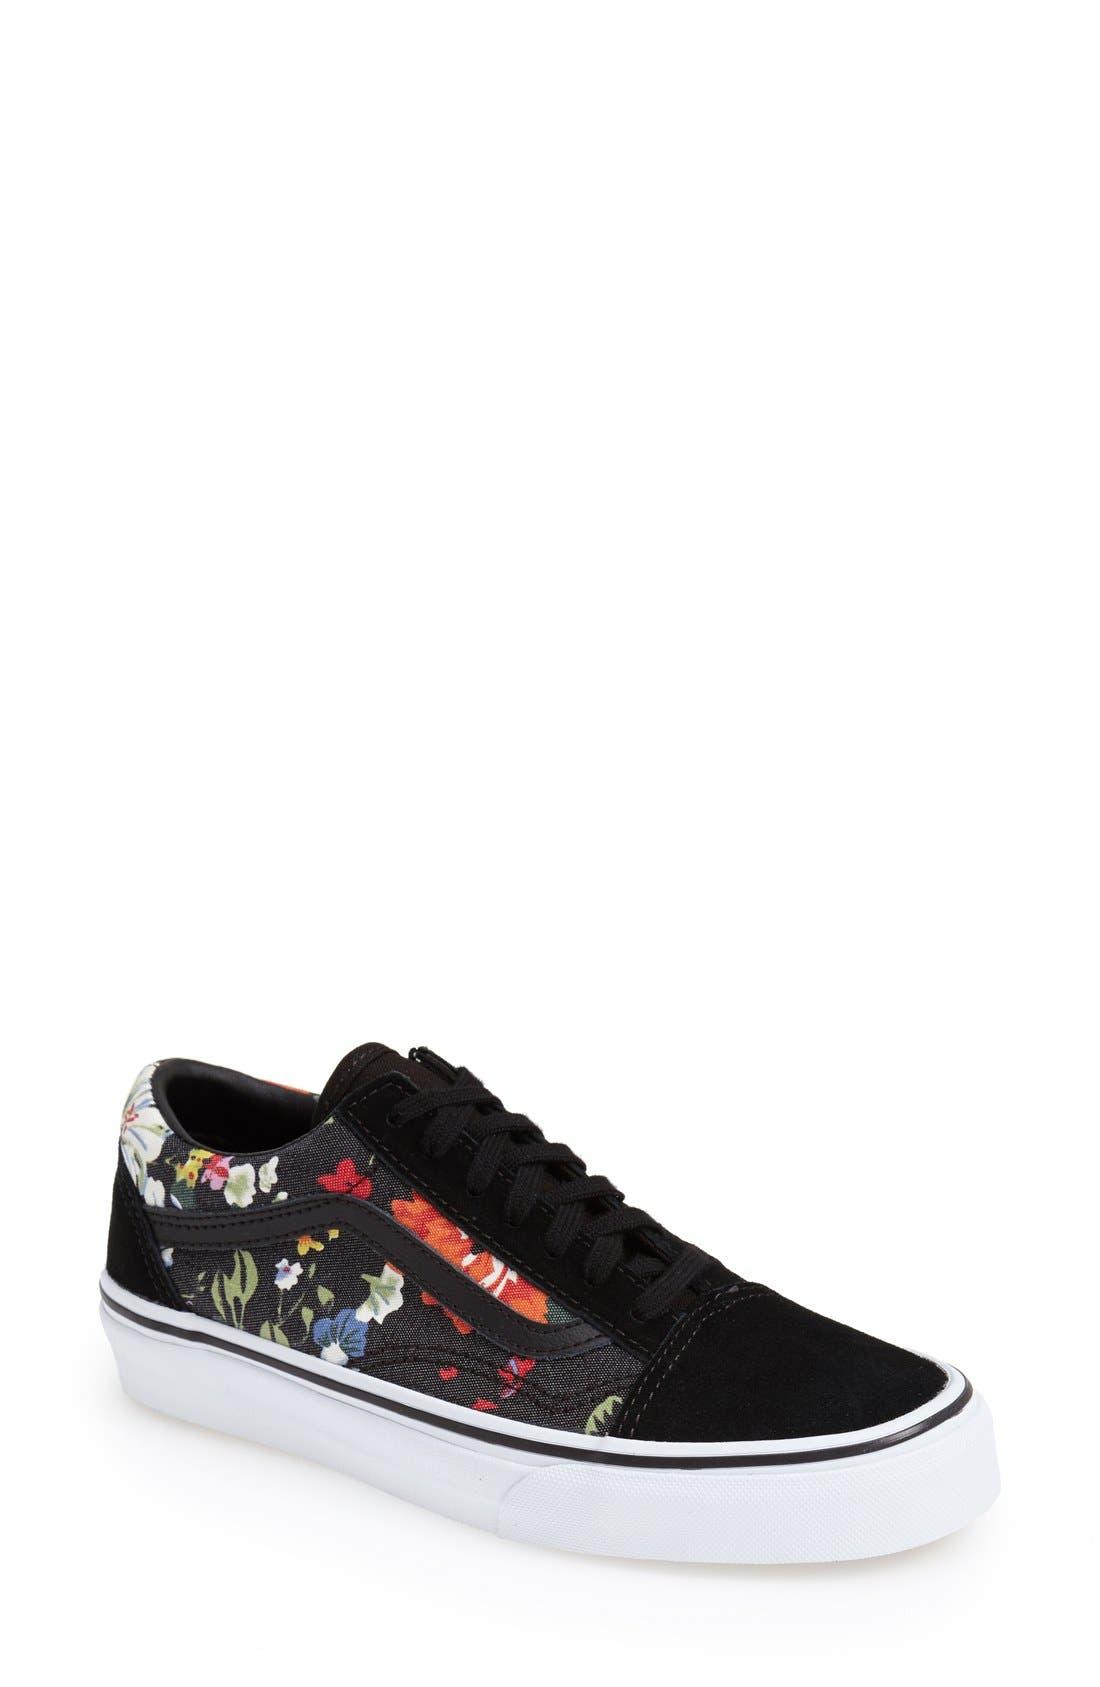 Alternate Image 1 Selected - Vans 'Old Skool' Sneaker (Women)